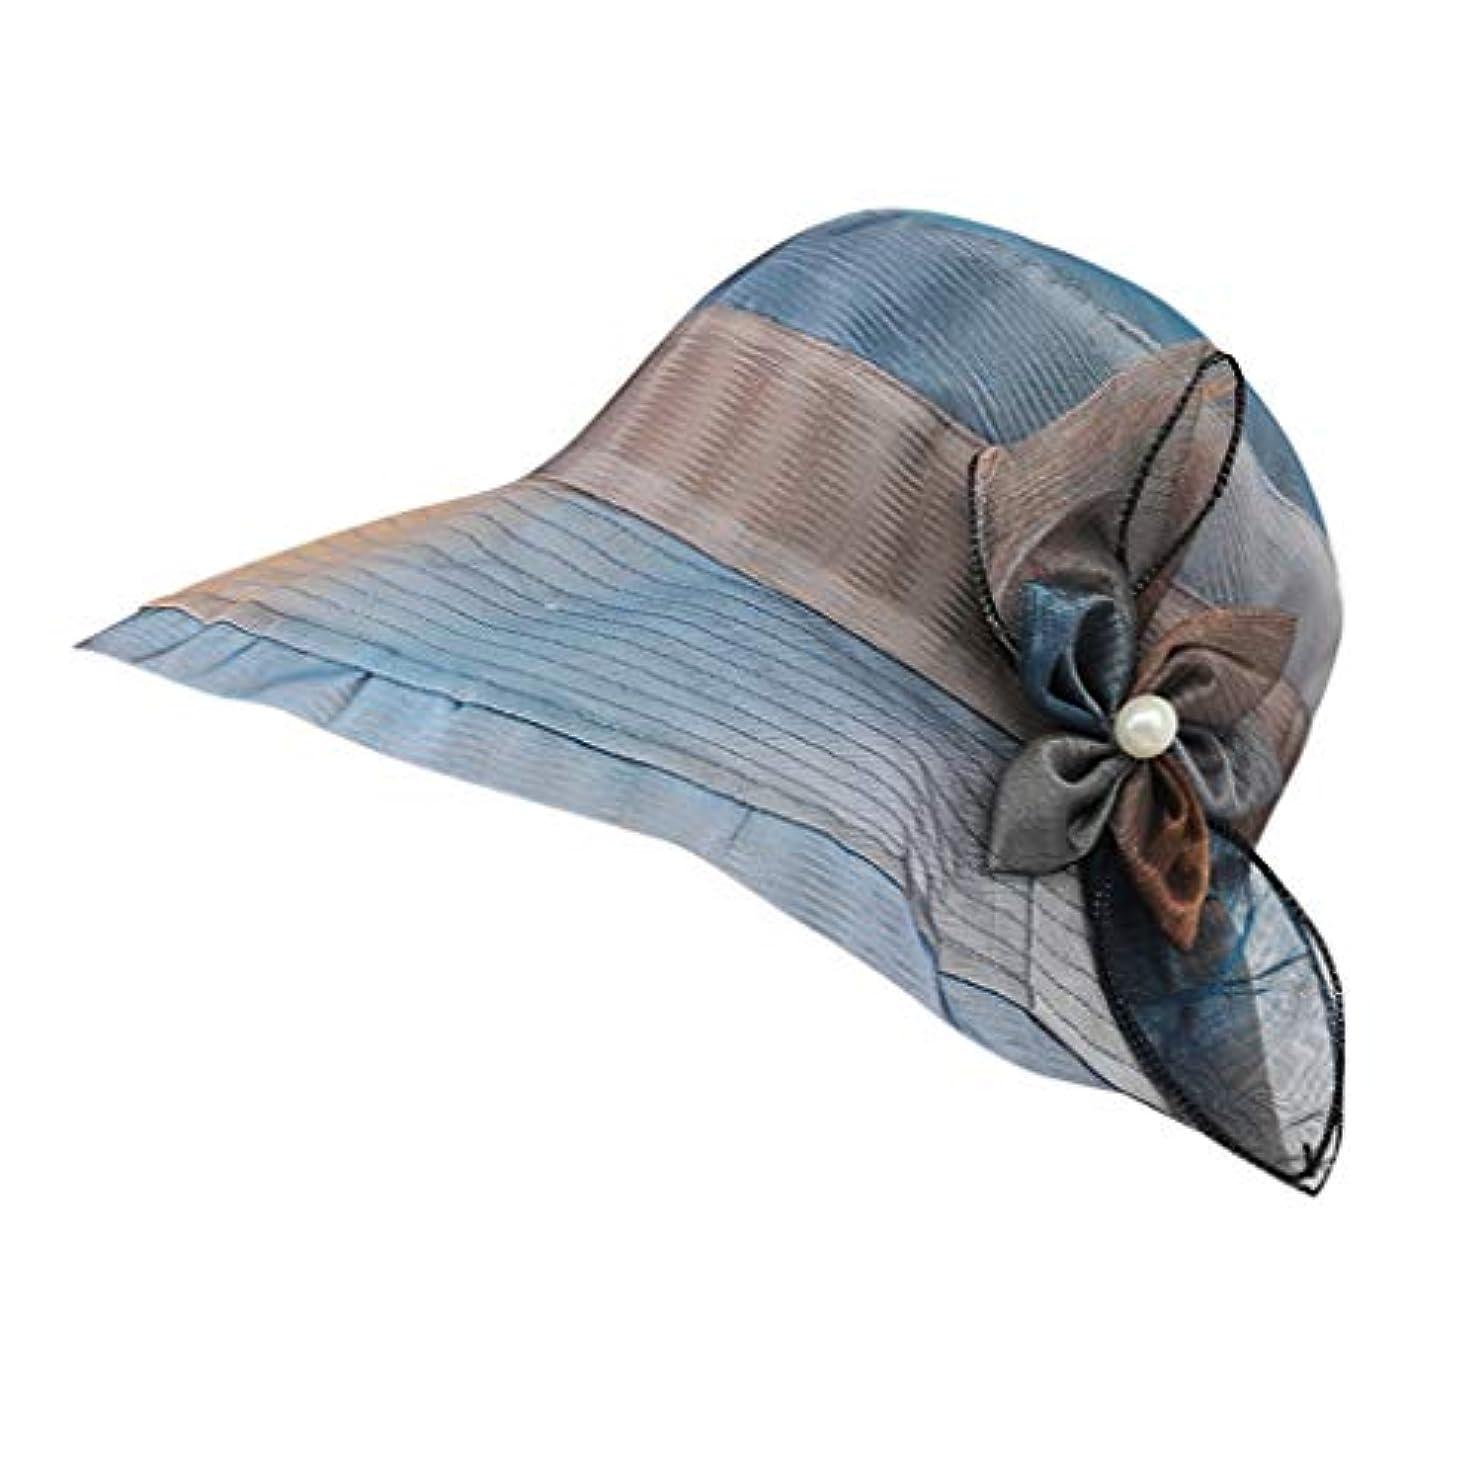 流星キロメートル怖いハット レディース UVカット 帽子 レディース 日よけ 帽子 レディース つば広 無地 洗える 紫外線対策 ハット カジュアル 旅行用 日よけ 夏季 女優帽 小顔効果抜群 可愛い 夏季 海 旅行 ROSE ROMAN